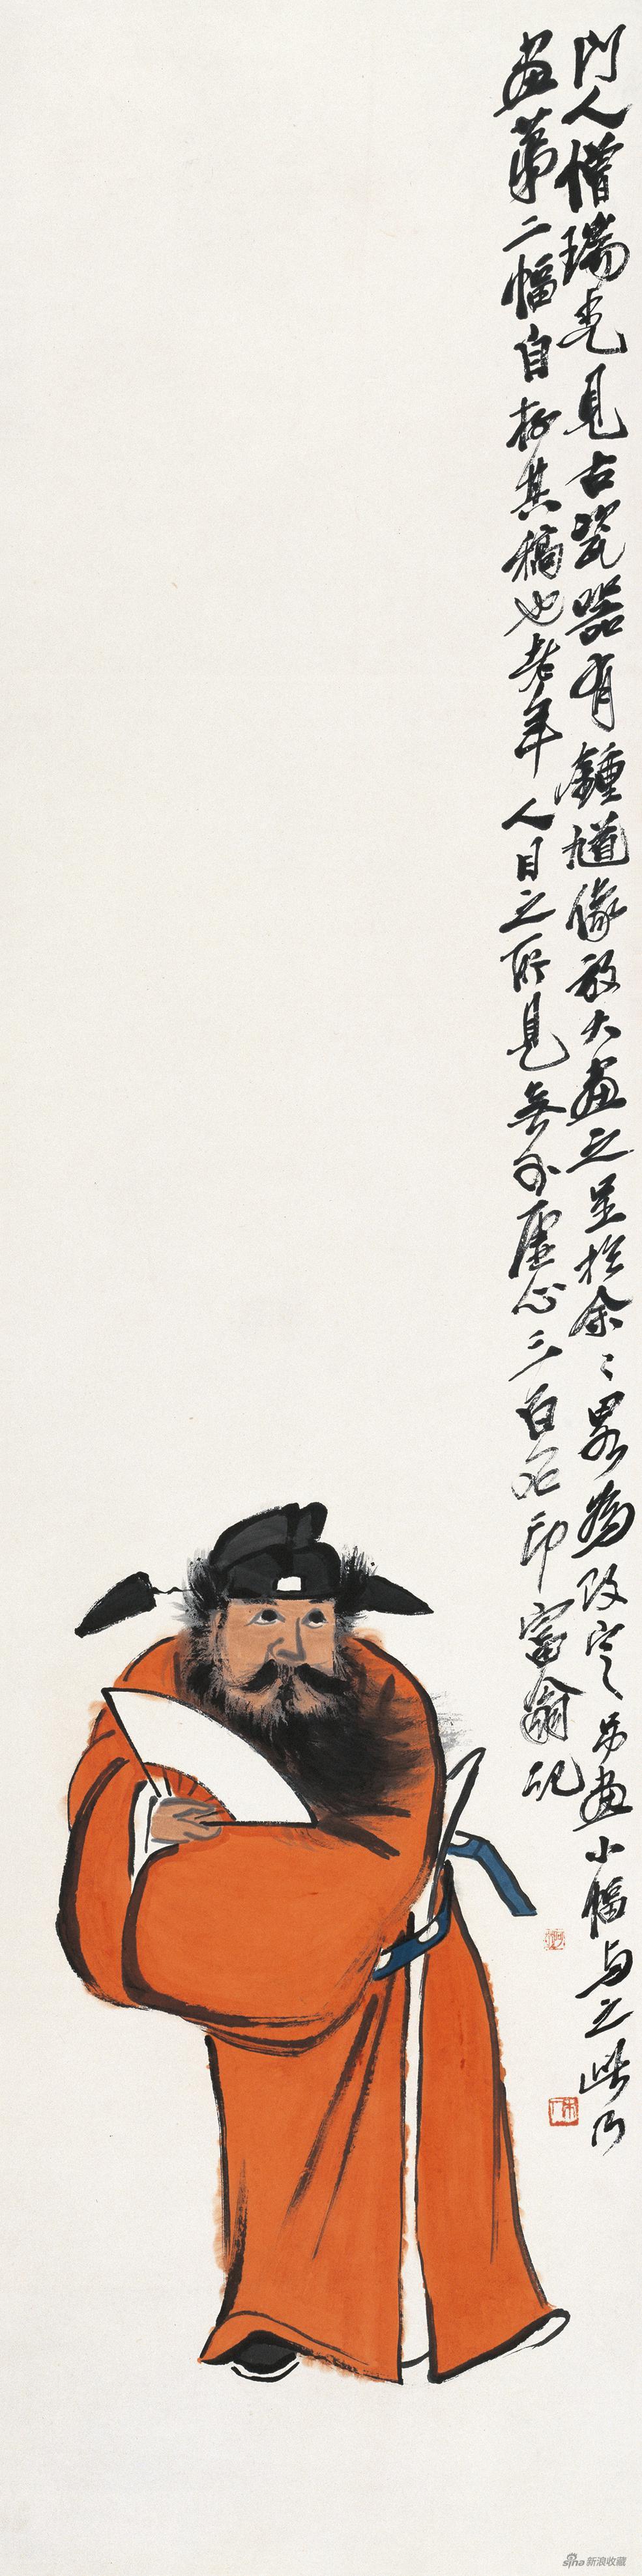 钟馗图 齐白石 133.5×33.5cm 无年款 纸本设色 北京画院藏